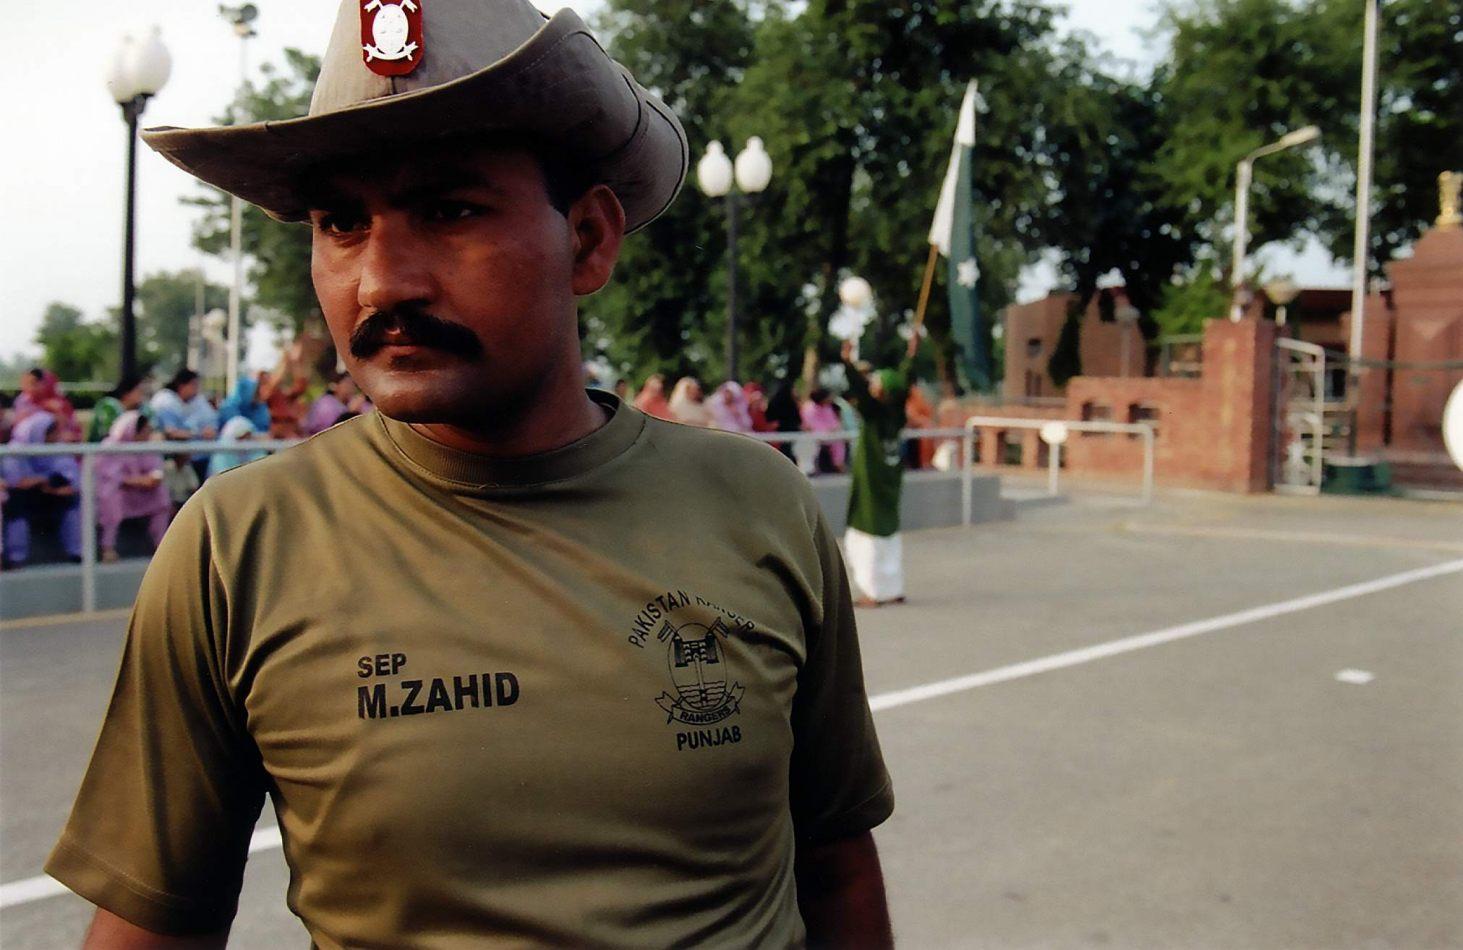 Anthony Ellis Photography: Zindabad - M.Zahid Pakistani Ranger